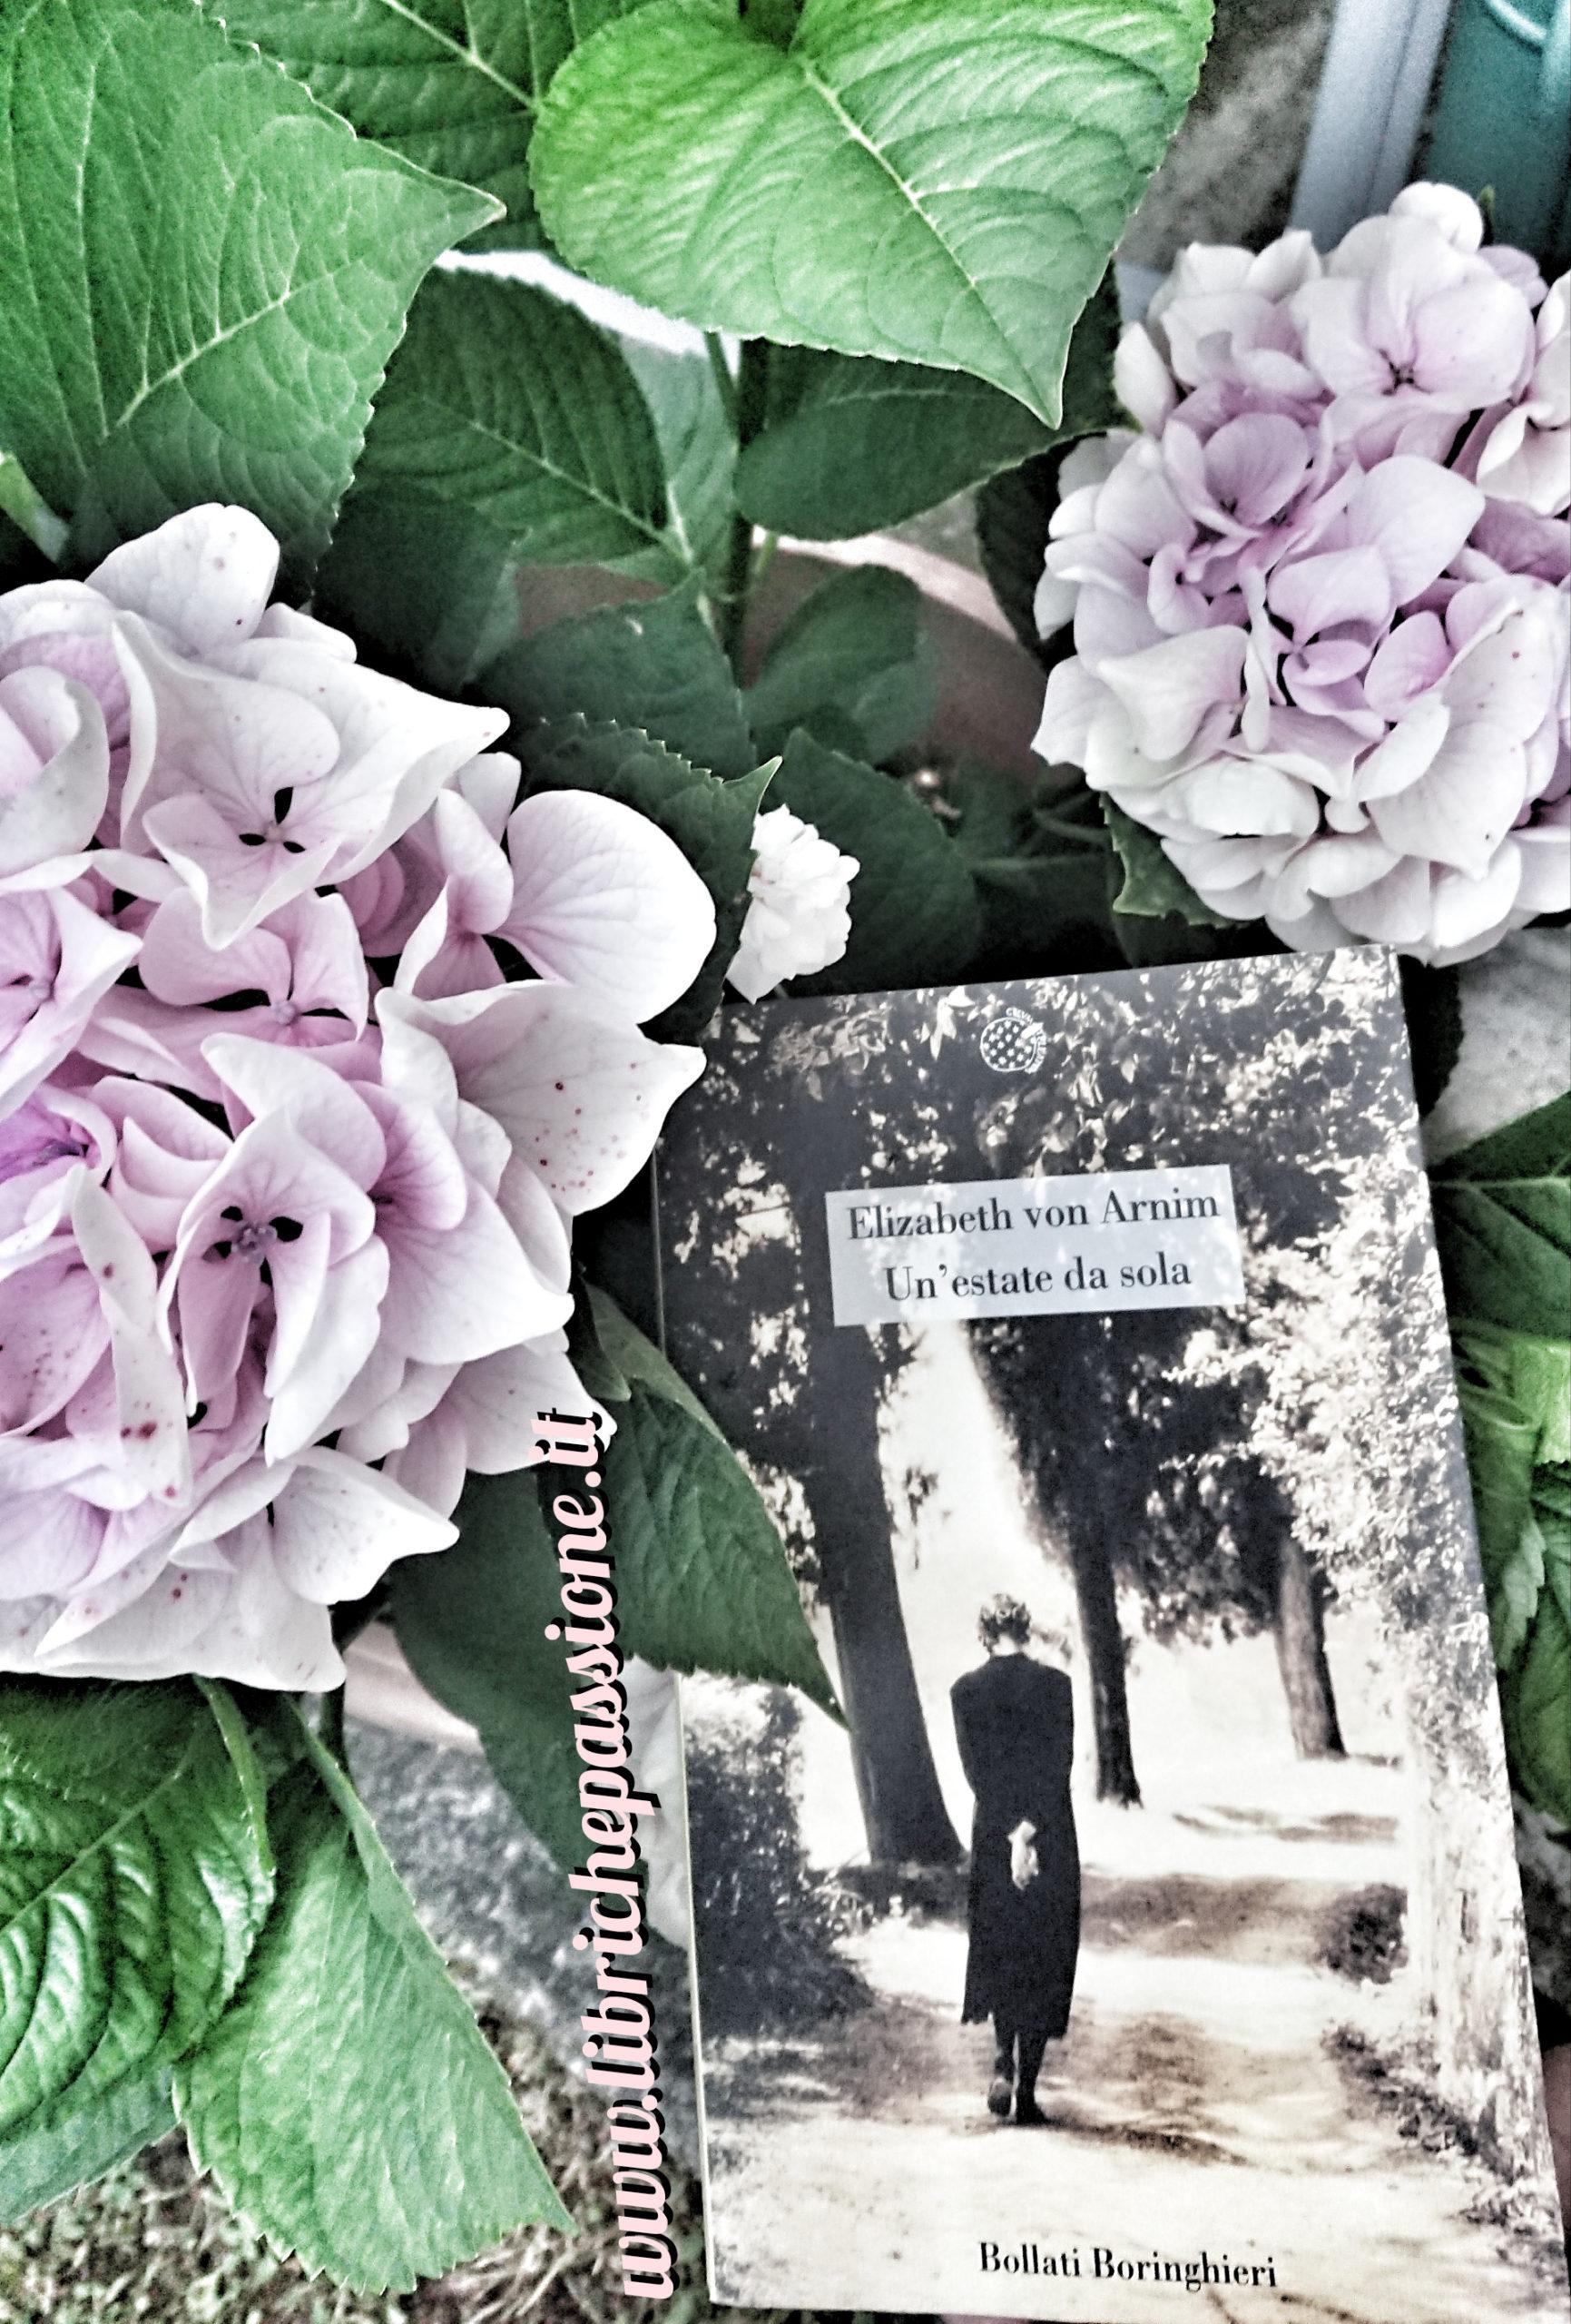 """Recensione del romanzo """"Un'estate da sola"""" di Elizabeth Von Arnim edito da Bollati Boringhieri"""